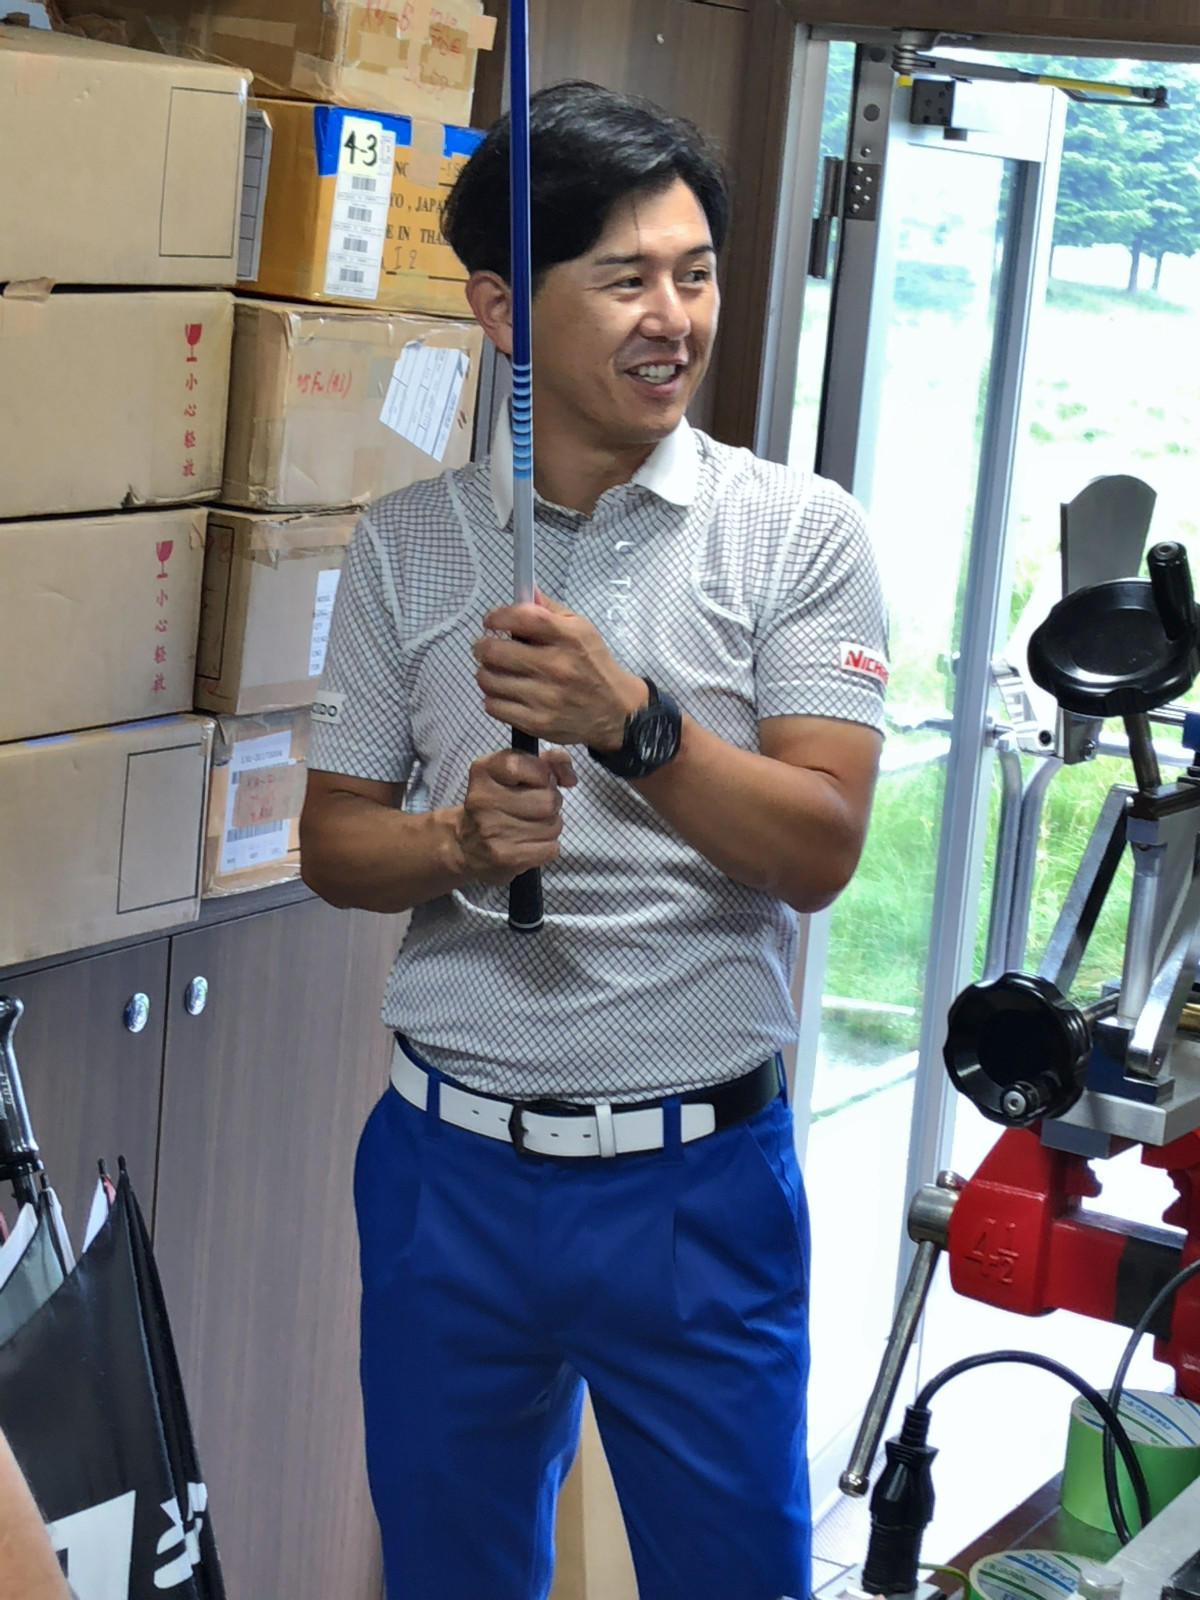 http://www.bs-golf.com/pro/e1be8087c7ad6fccf585248787ef1d3c454d48d4.JPG